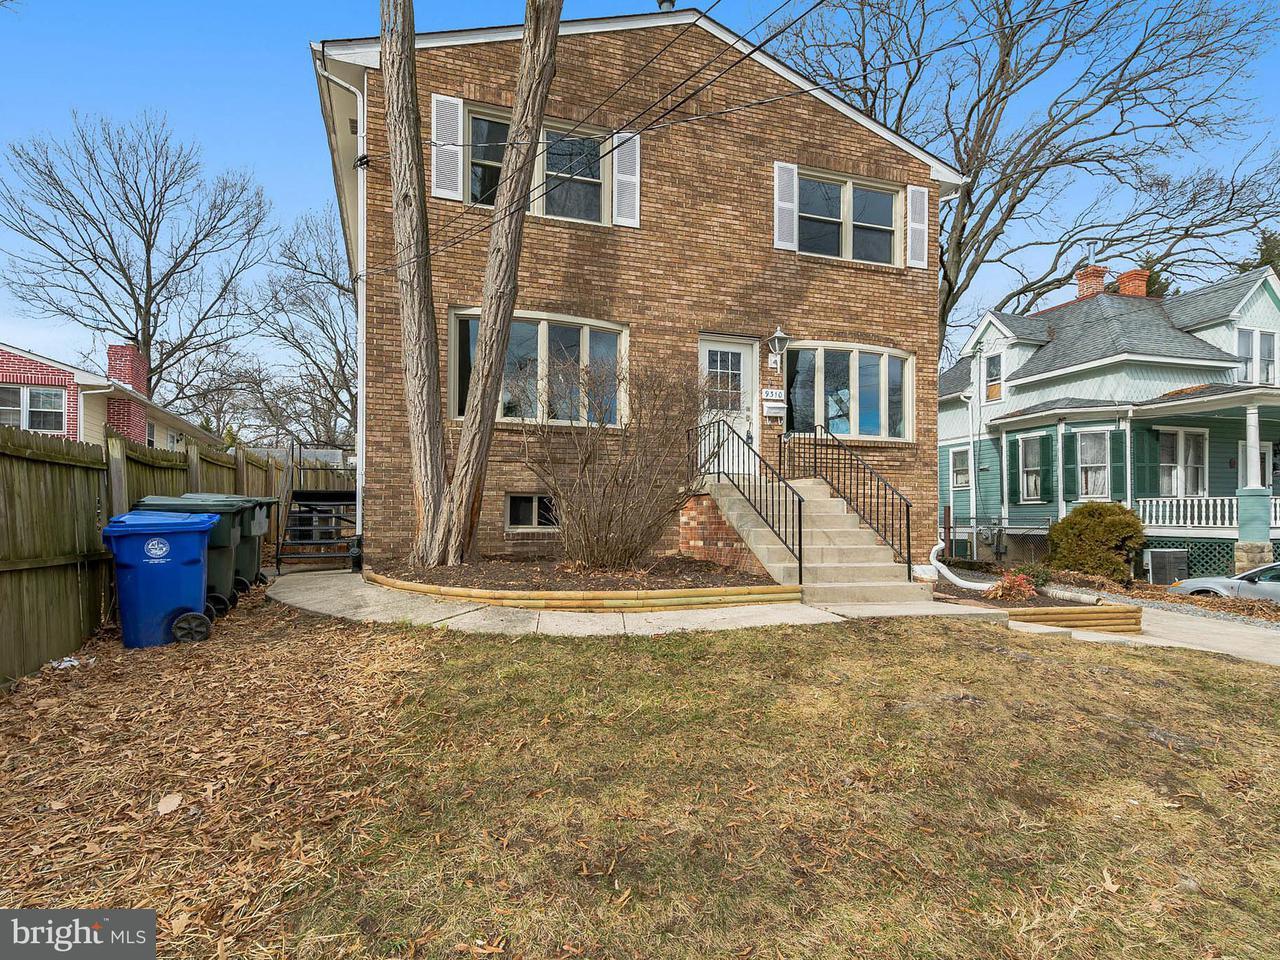 Casa Unifamiliar por un Venta en 9310 Rhode Island Avenue 9310 Rhode Island Avenue College Park, Maryland 20740 Estados Unidos